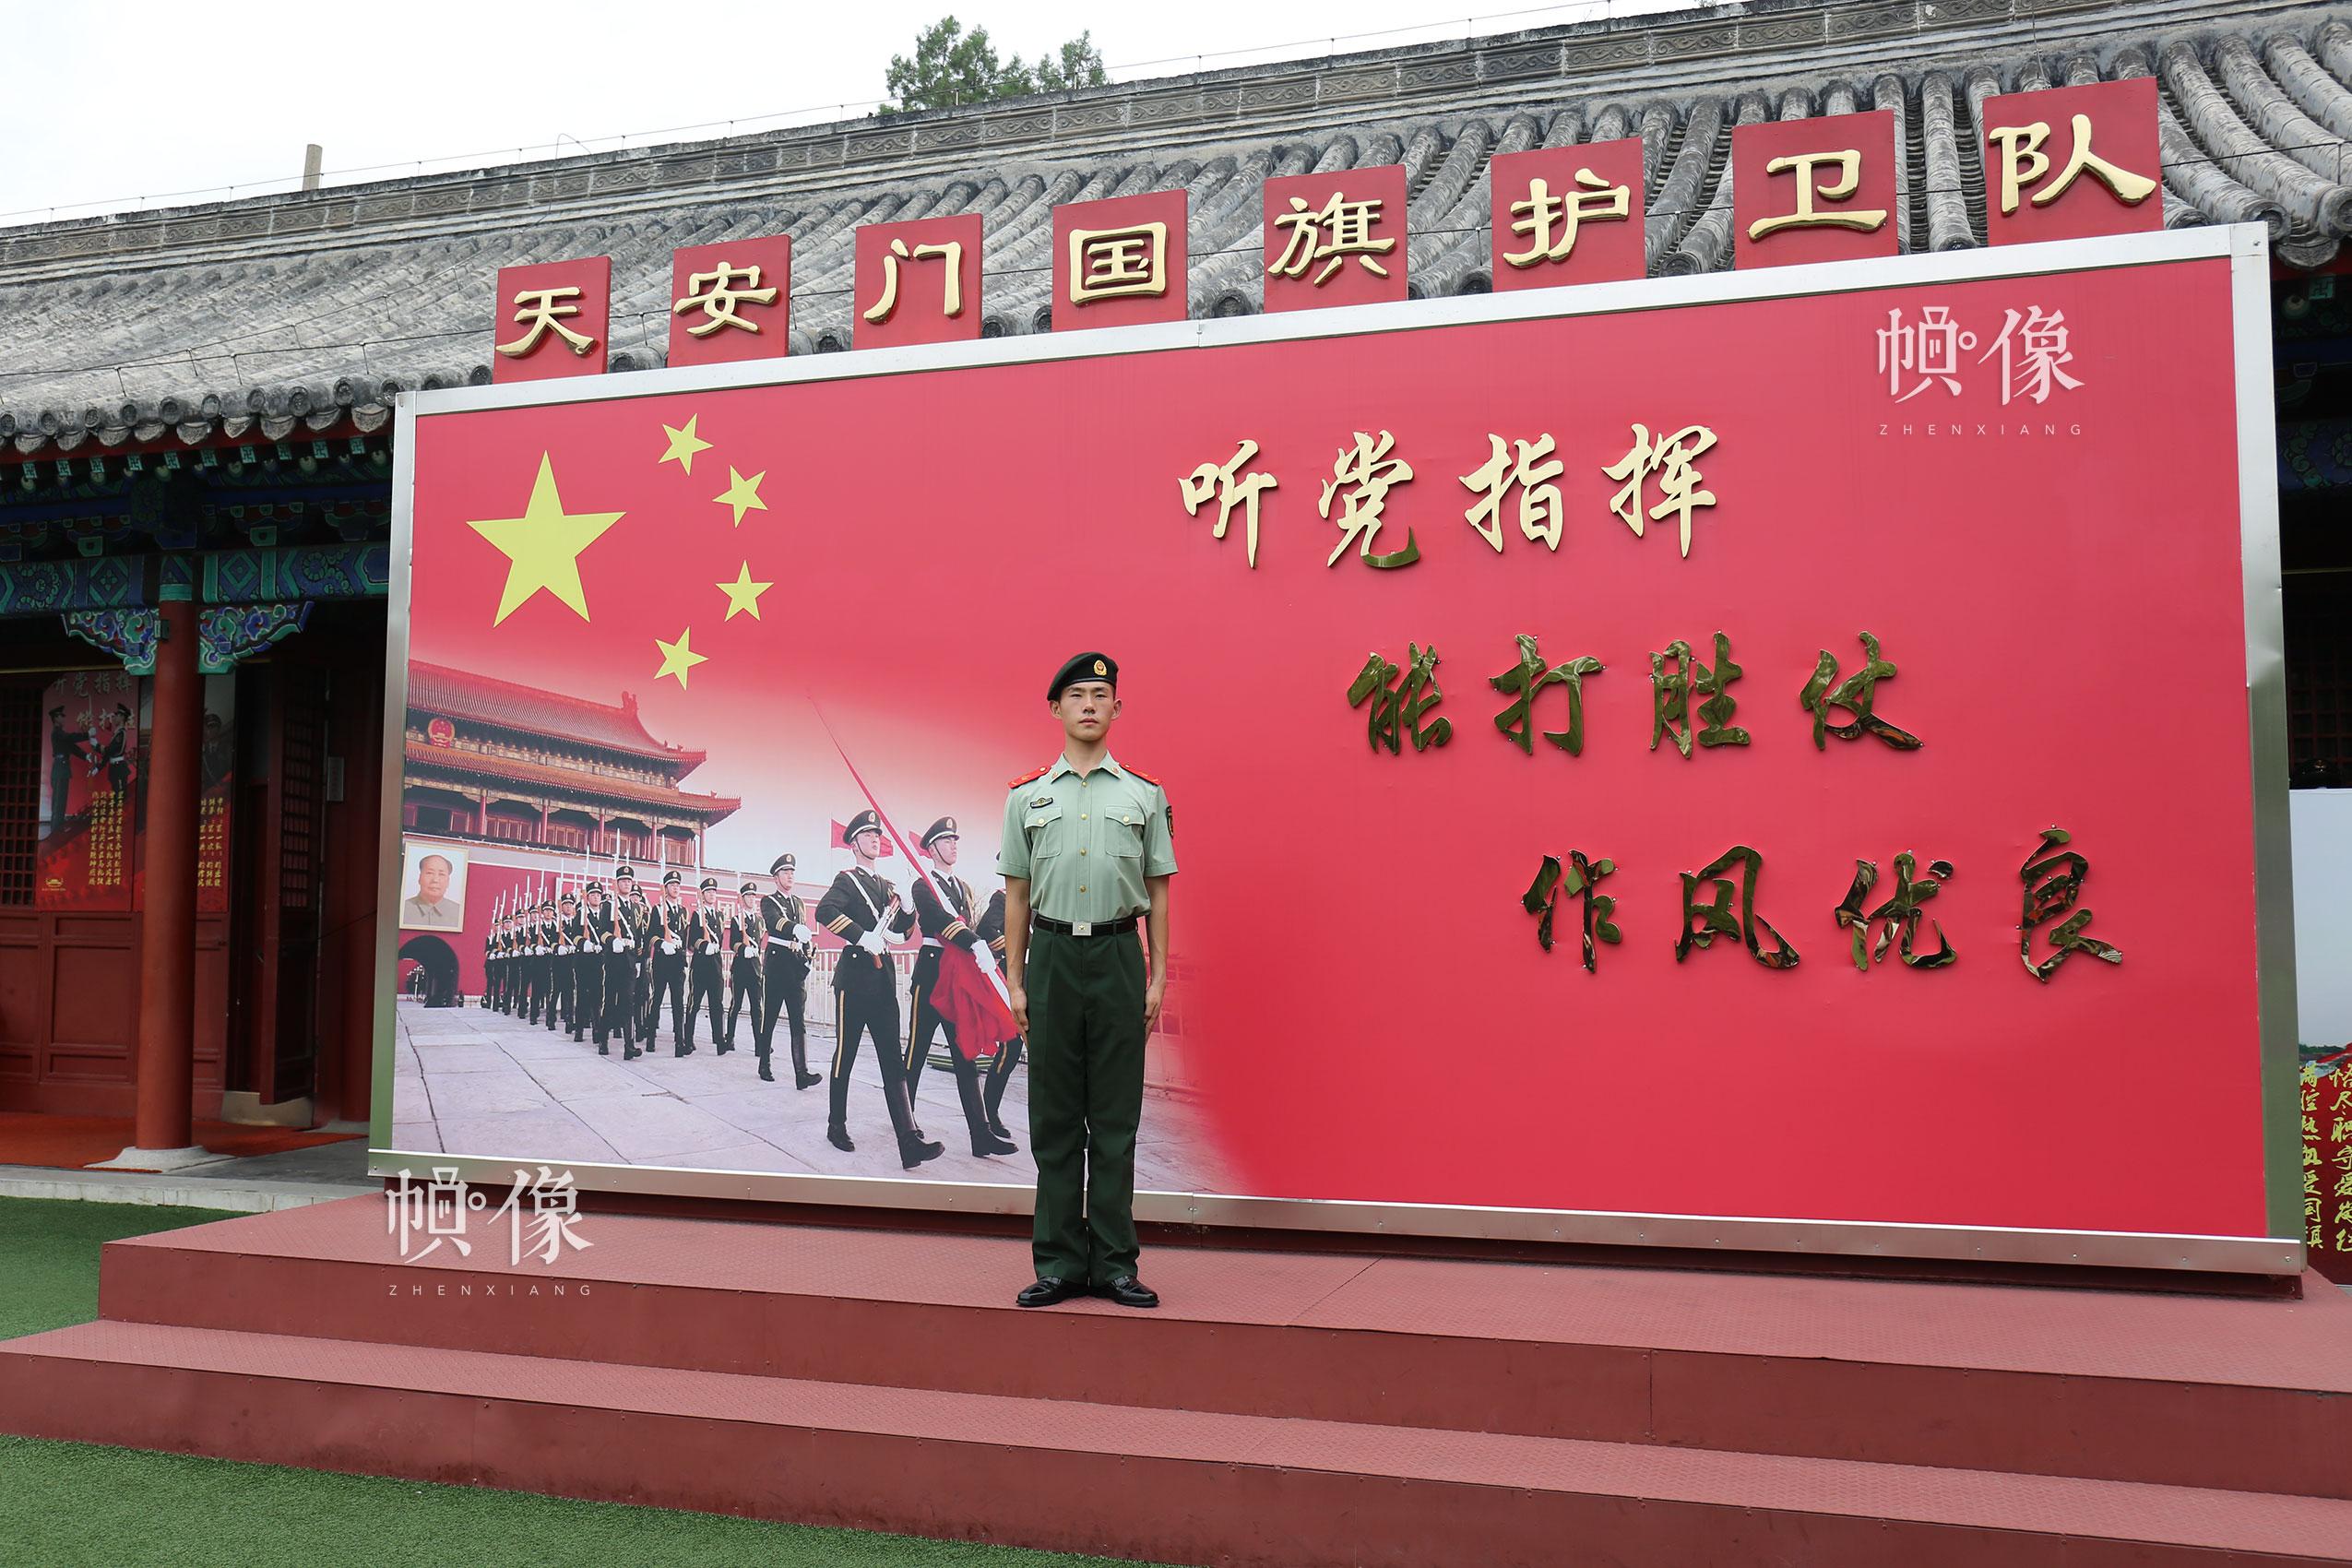 2017年7月28日,北京,图为国旗护卫队班长徐明旭。徐明旭2014年9月入伍,第三年转士官的时候担任了班长,2015年参加了纪念中国  人民抗日战争暨世界反法西斯战争胜利70周年阅兵式。中国网记者 高南 摄